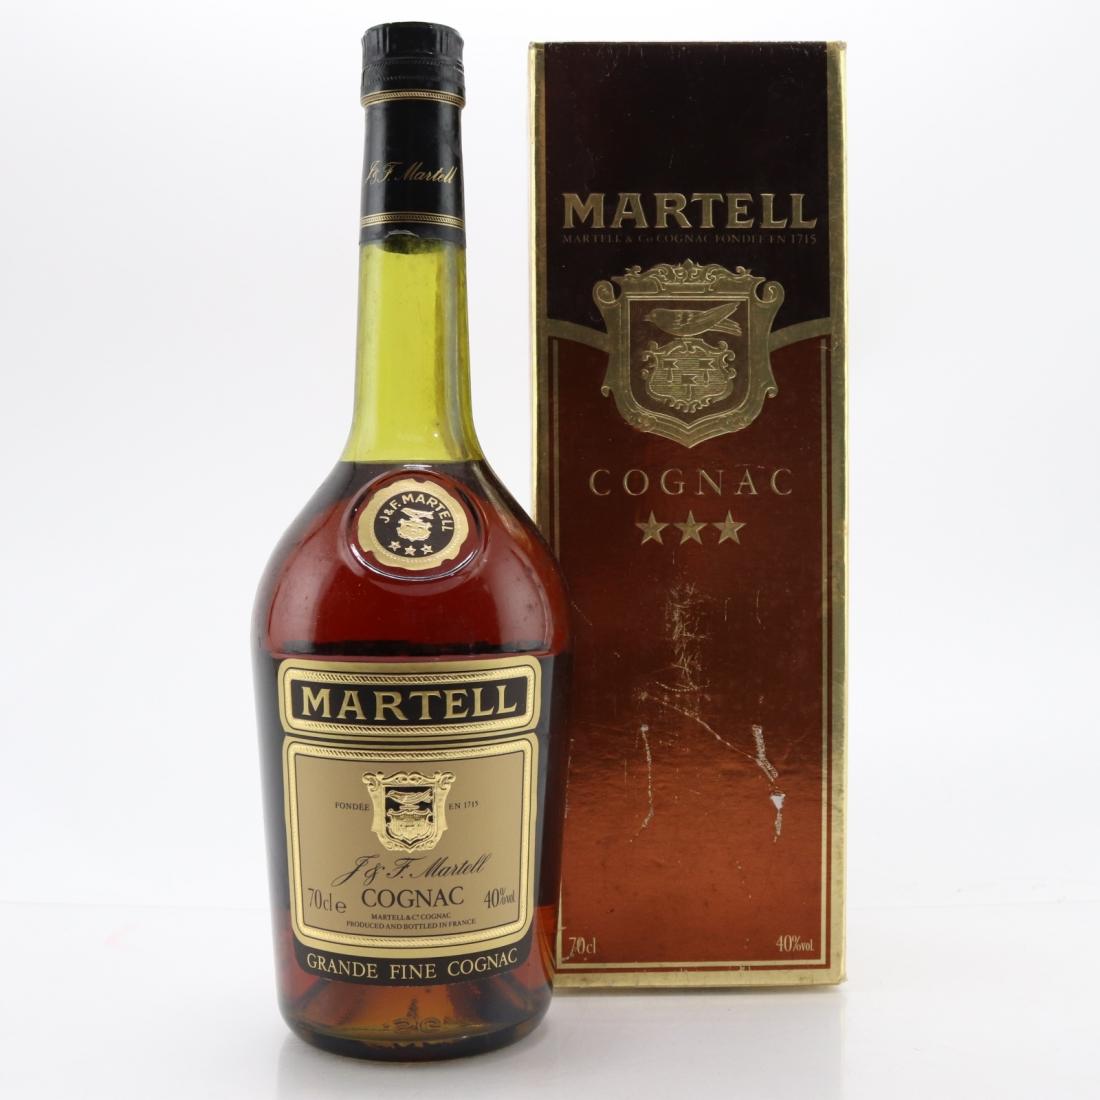 Martell Three Star Cognac